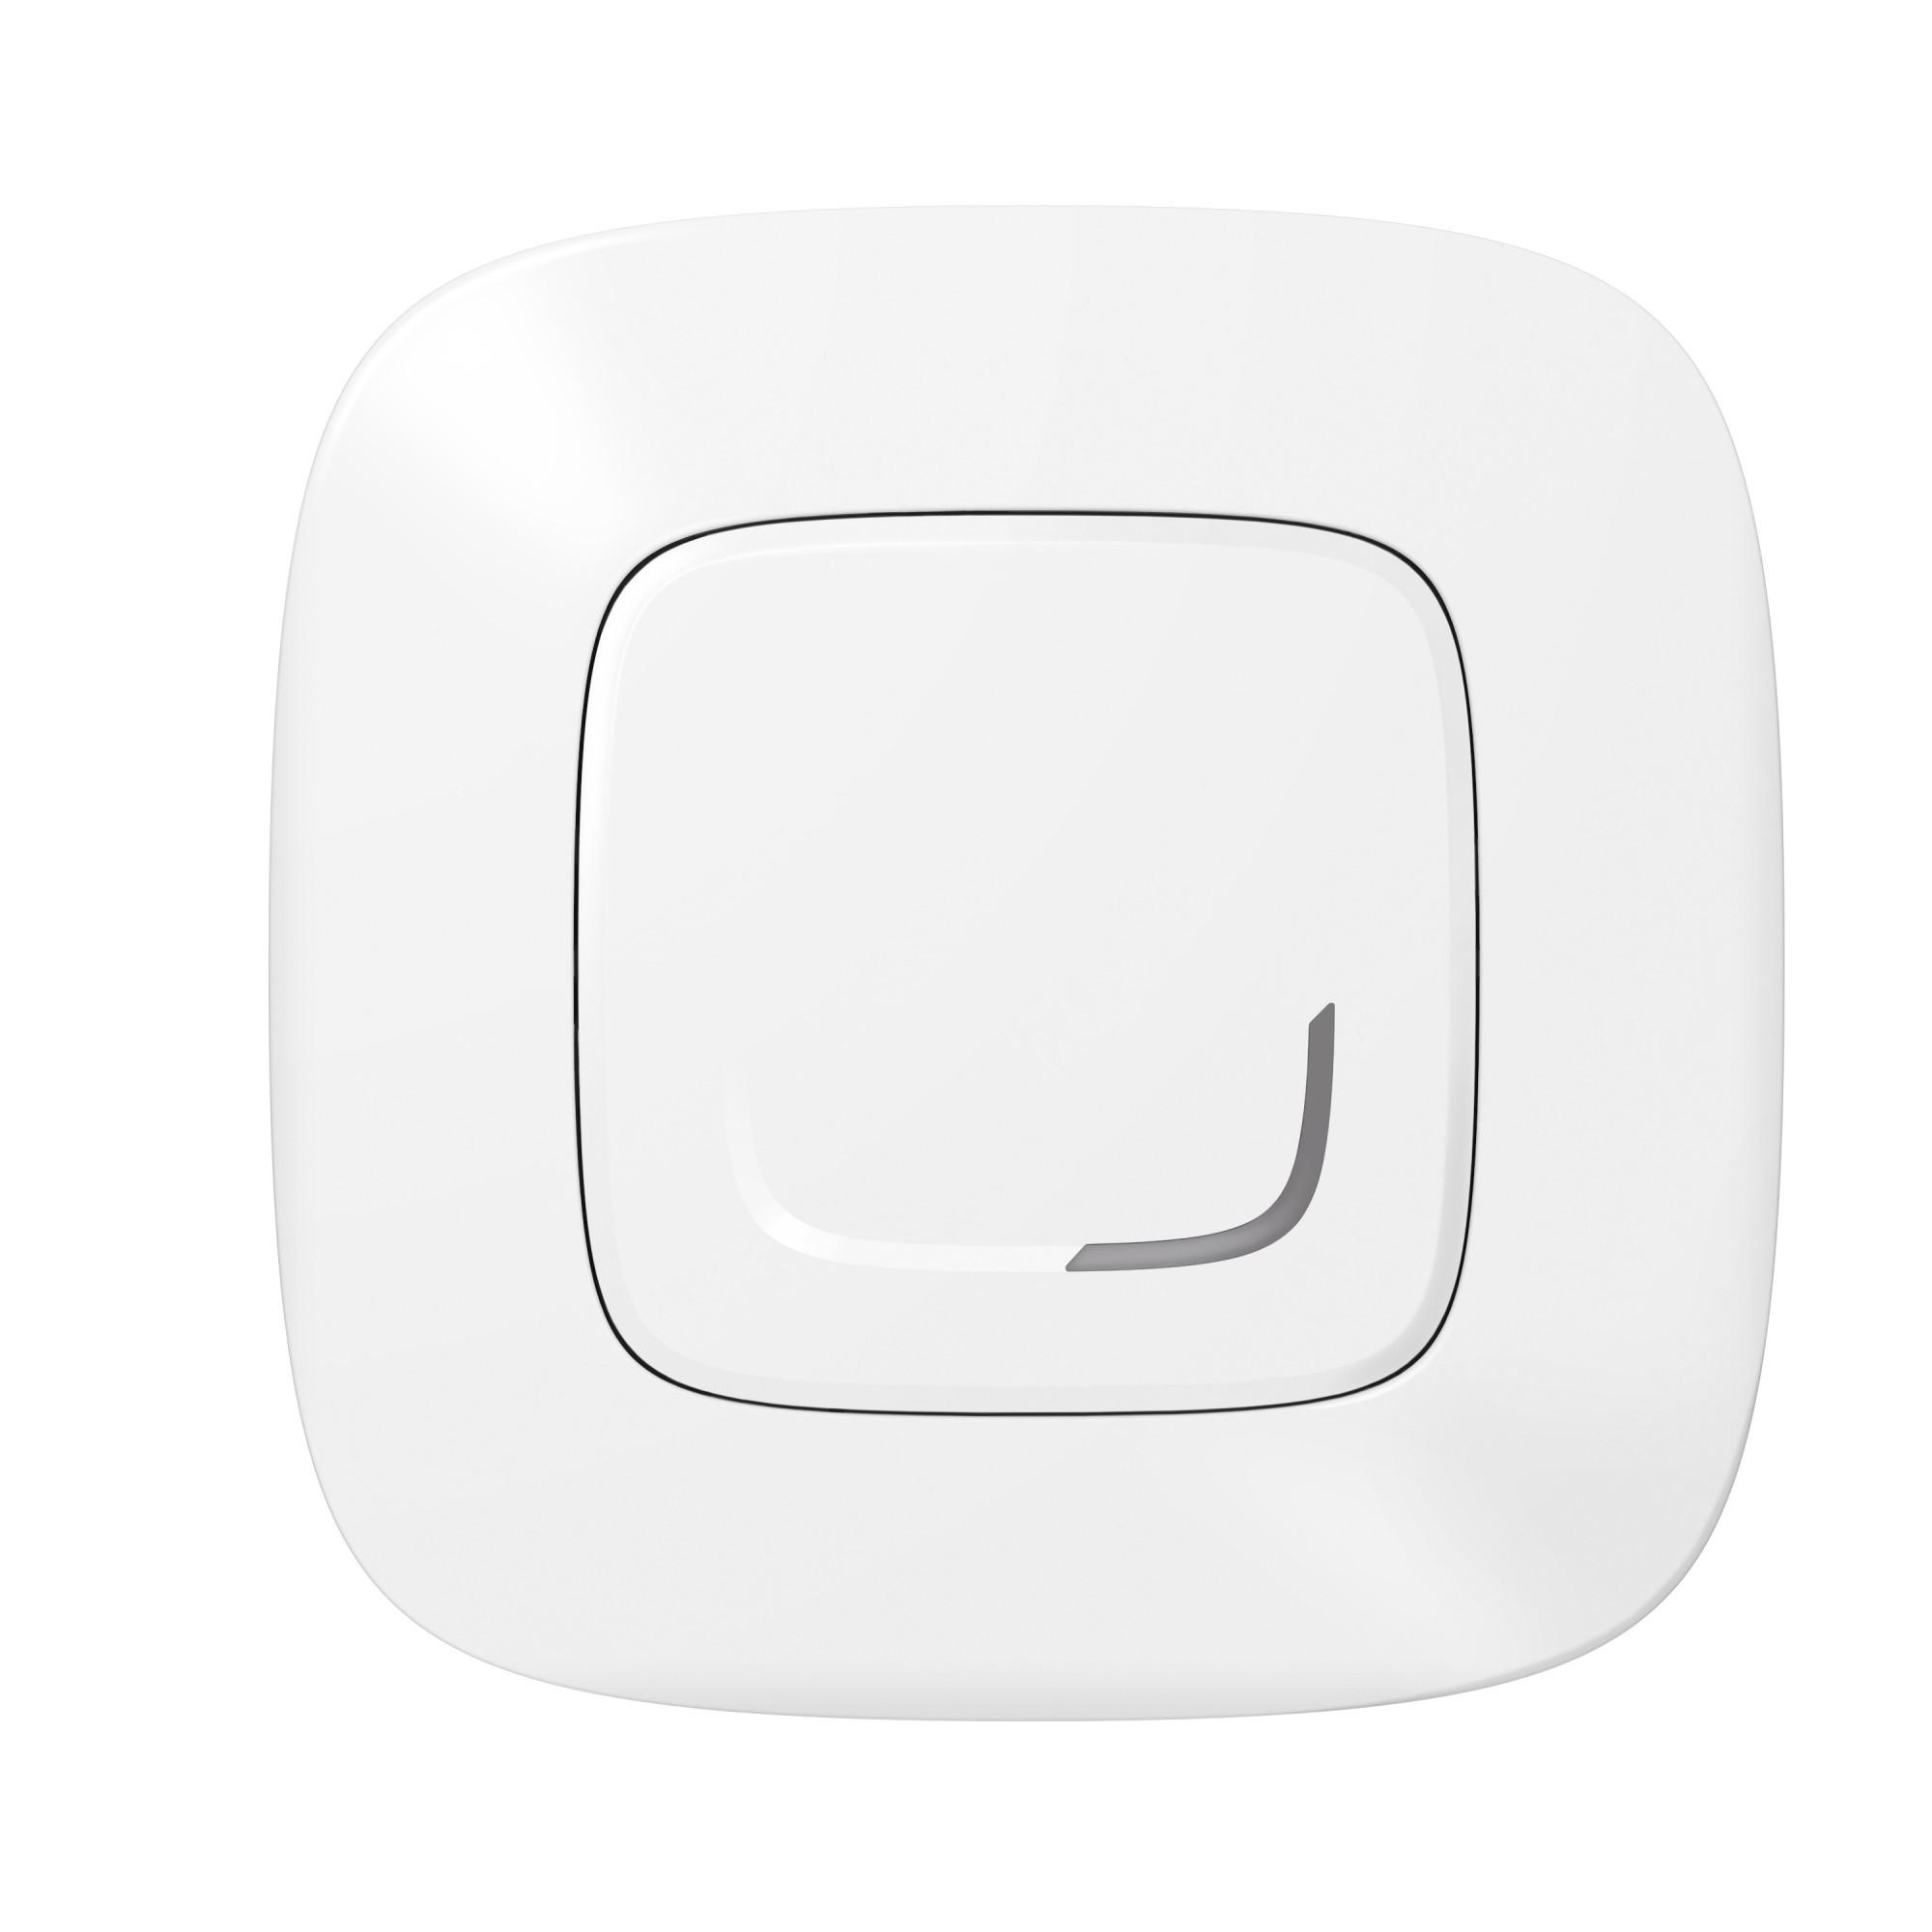 Умный проводной выключатель с опцией светорегулирования 5-300 Вт 230В. Цвет Белый Legrand Valena Allure with NETATMO 752584